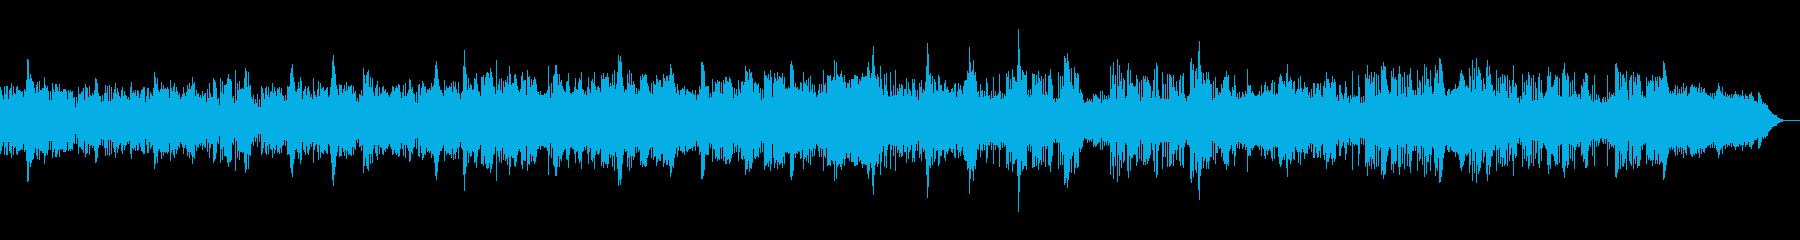 土砂降りのダークメルヘンファンタジーの再生済みの波形